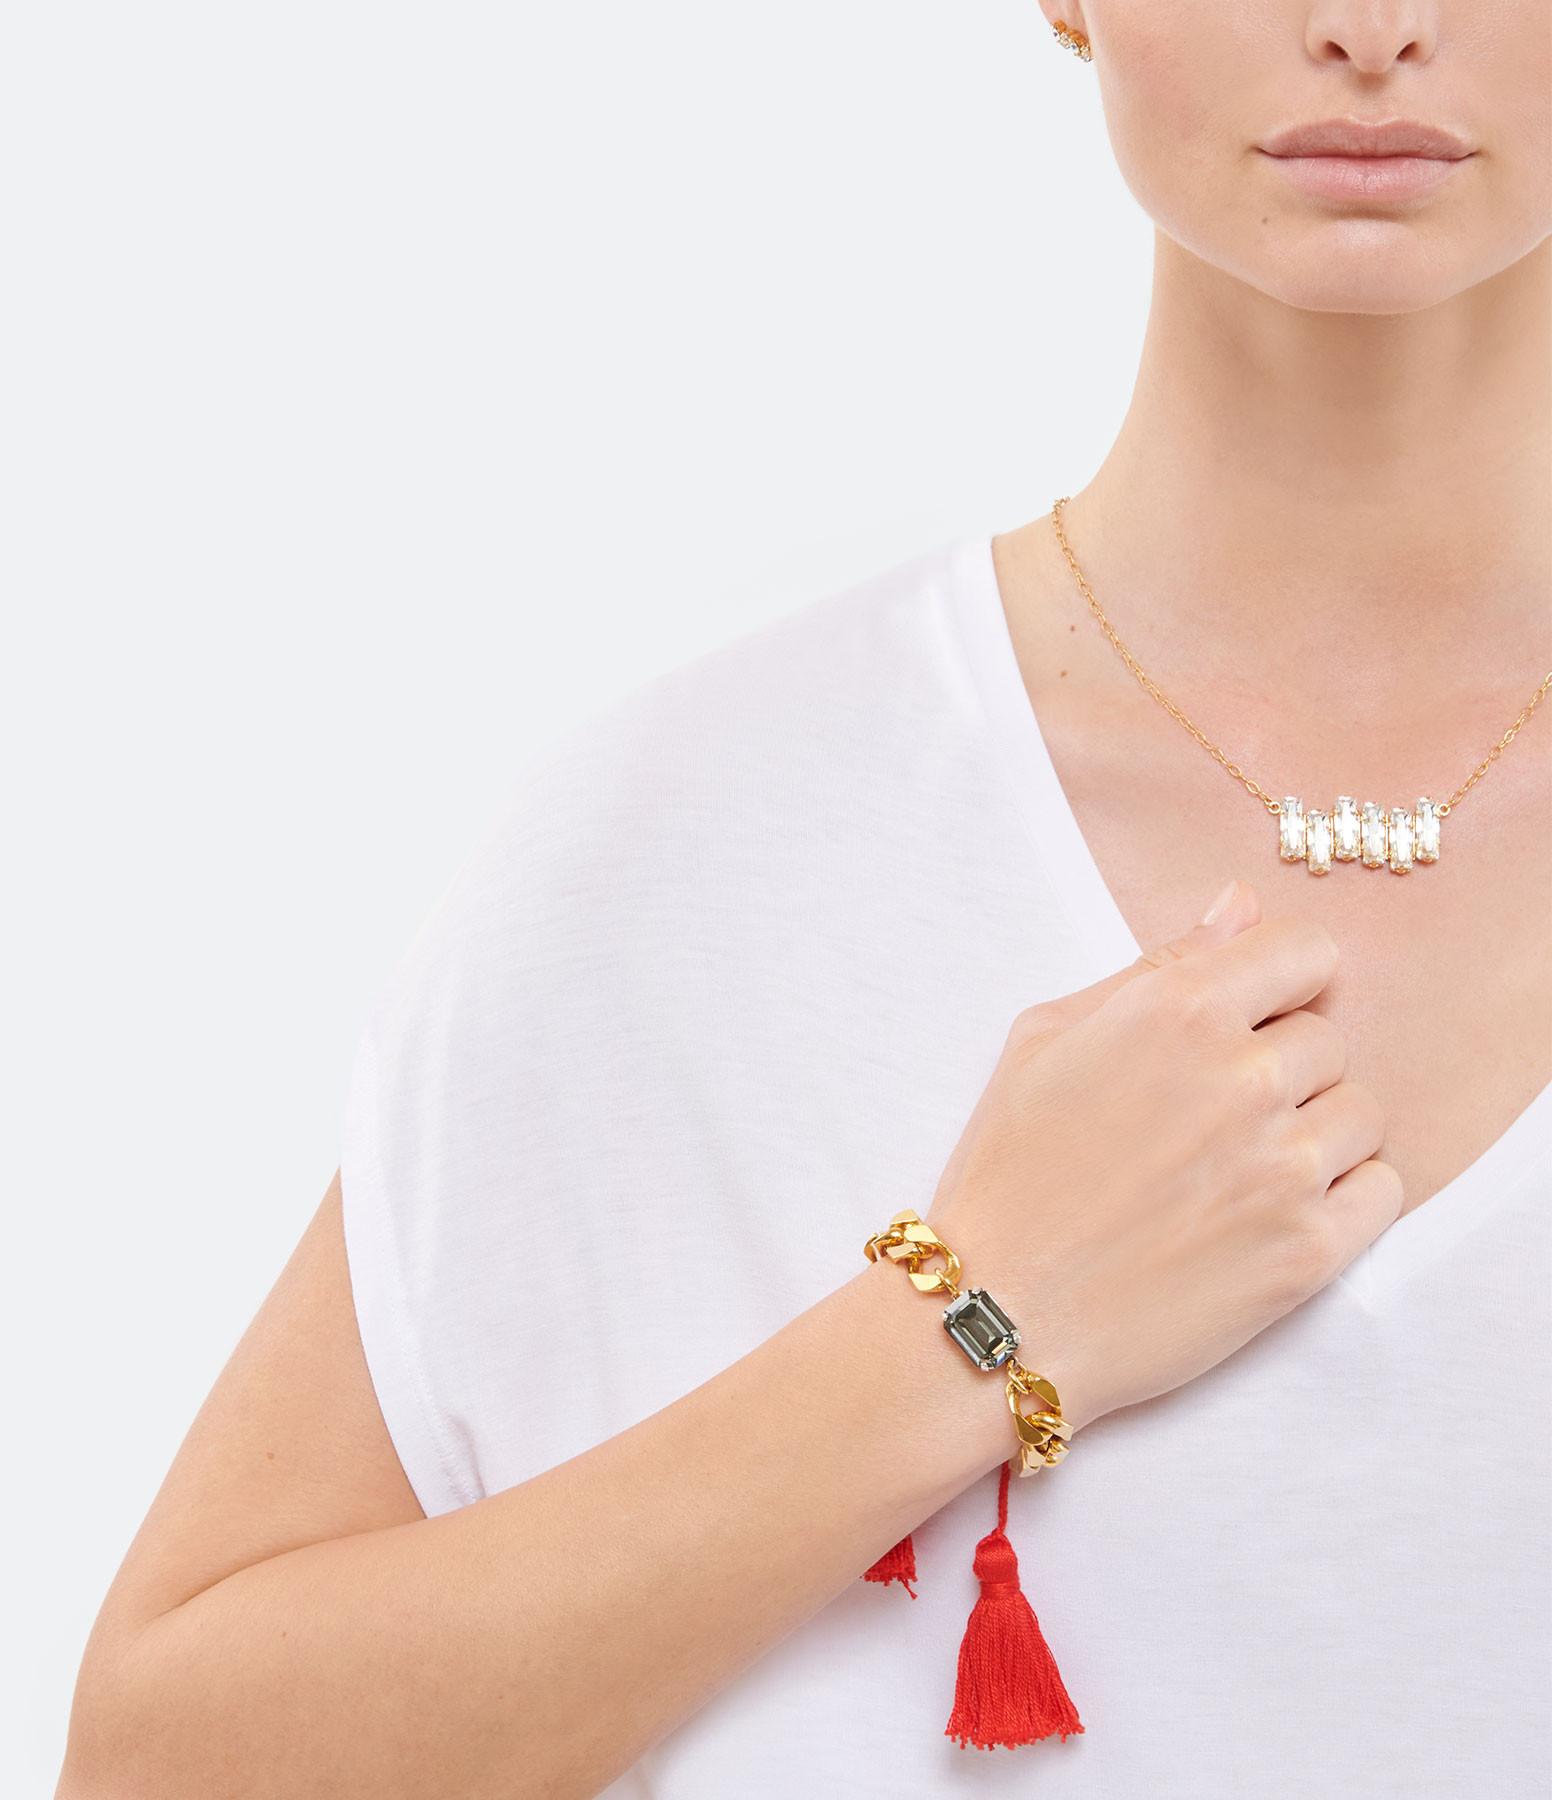 ISOBEL - Bracelet Scarlett Rouge Laiton Doré